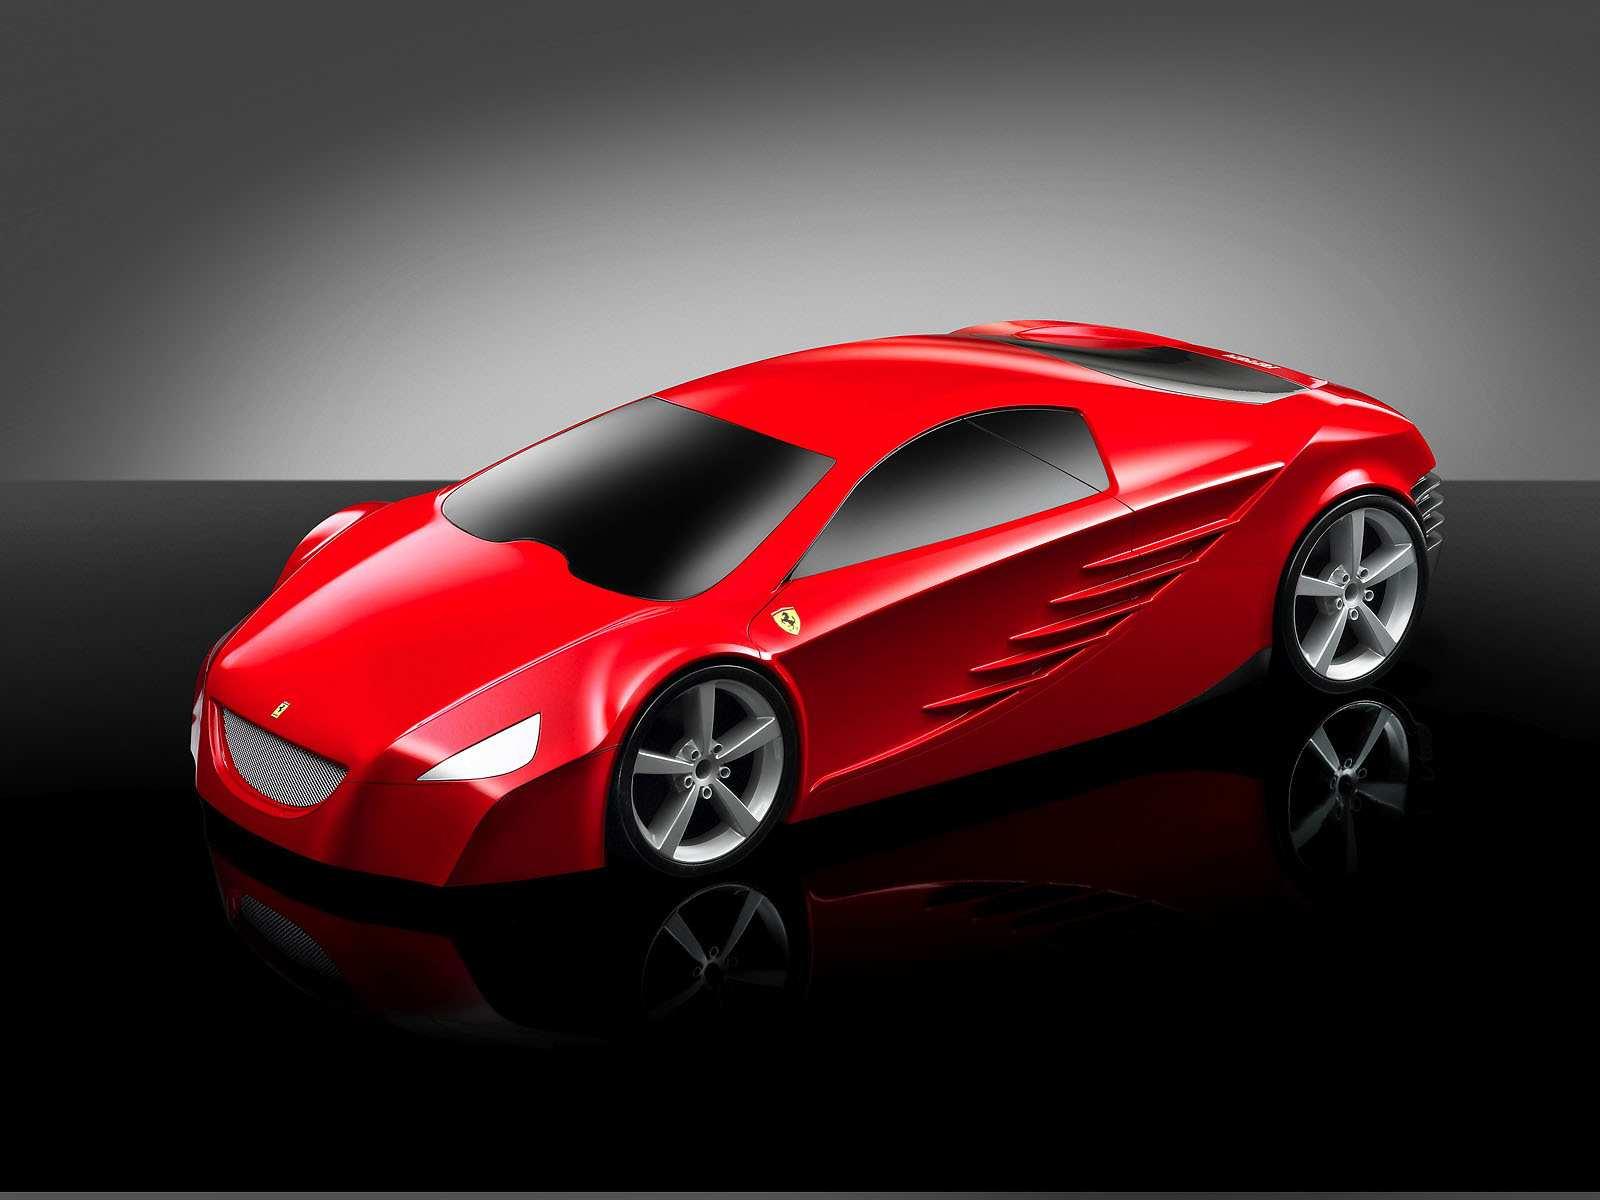 ferrari_concept_car_5